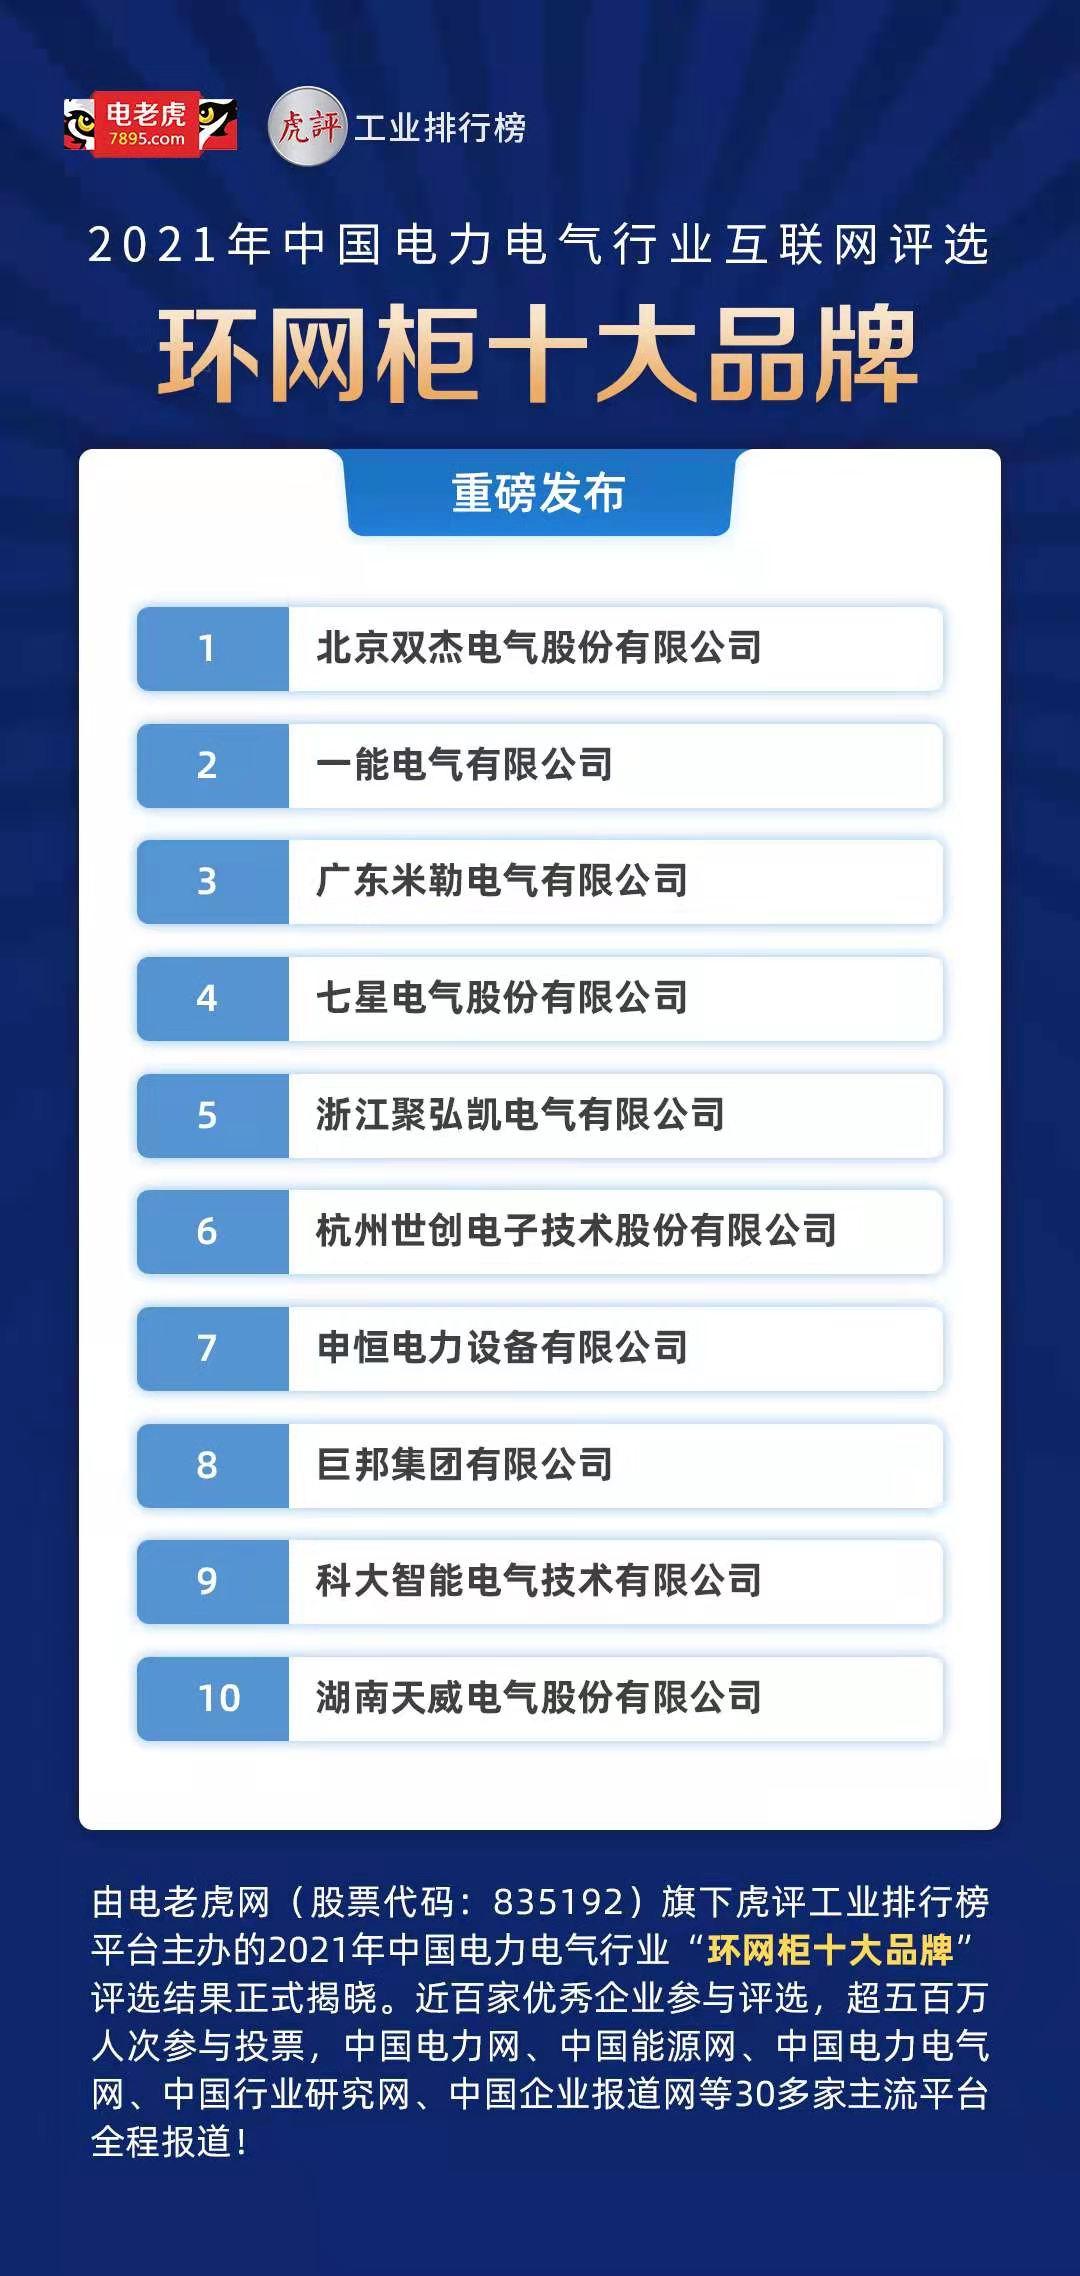 2021年中国电力电气行业互联网评选